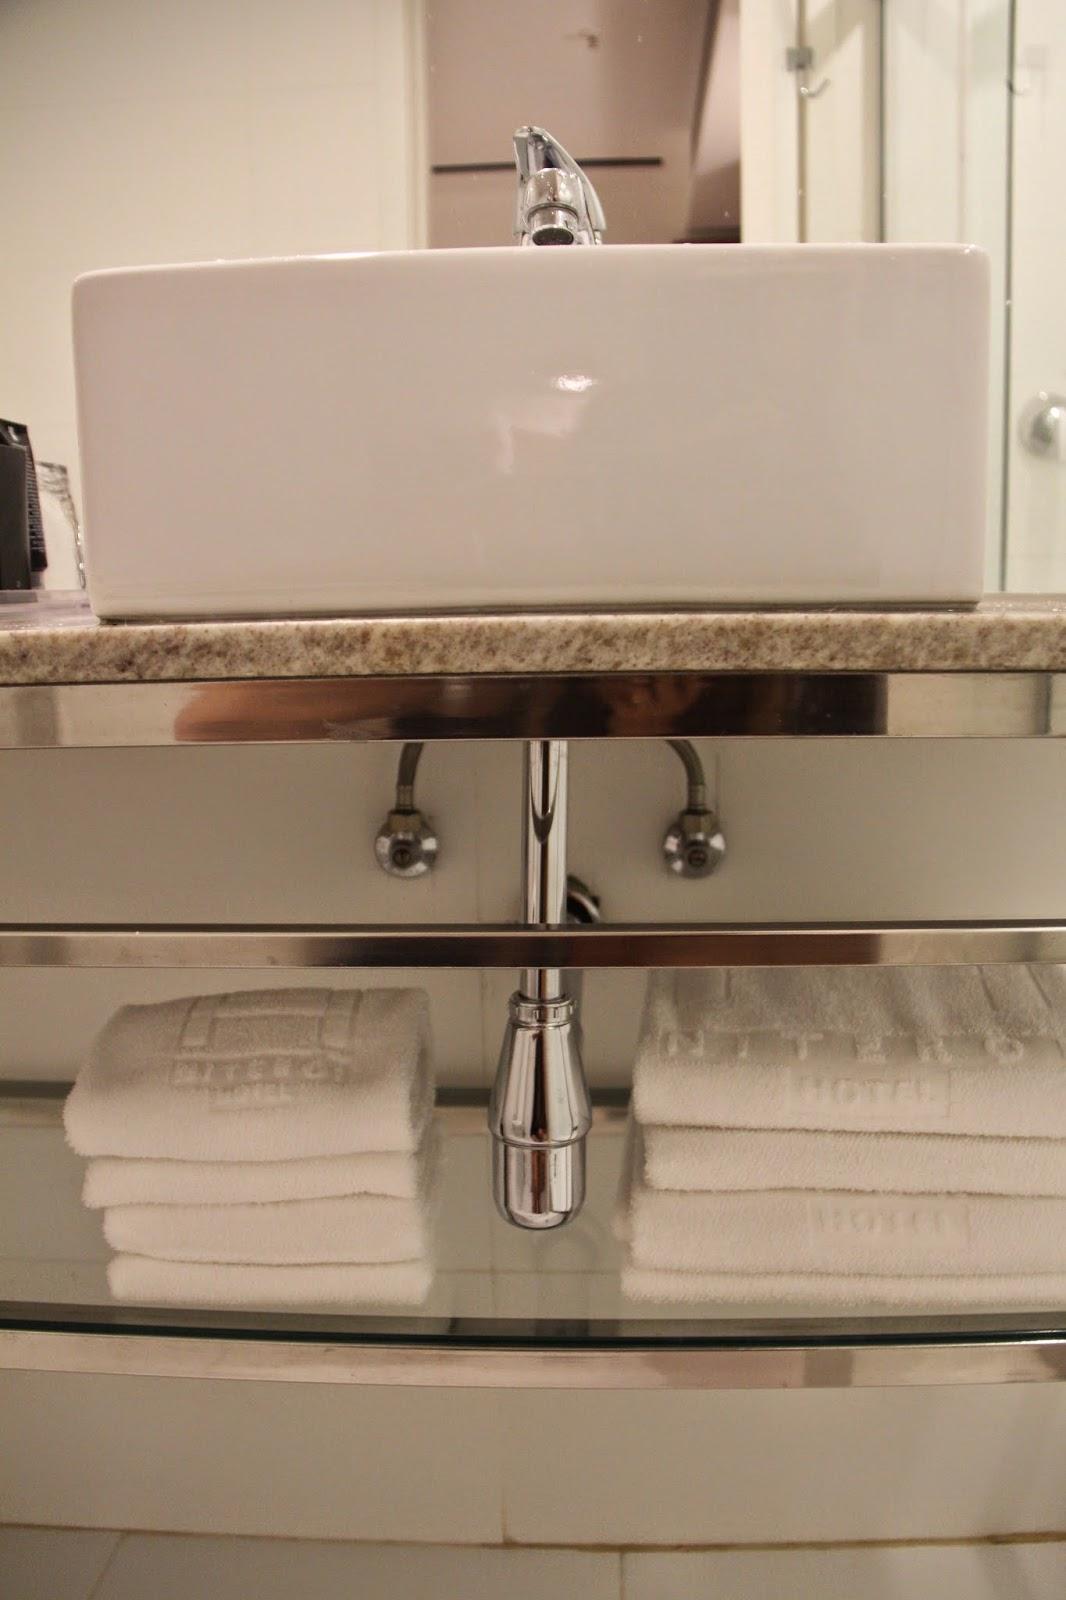 Imagens de #8A6A41 Blog Apaixonados por Viagens: Hotel Review: H Niterói Hotel e um  1066x1600 px 2774 Box Banheiro Niteroi